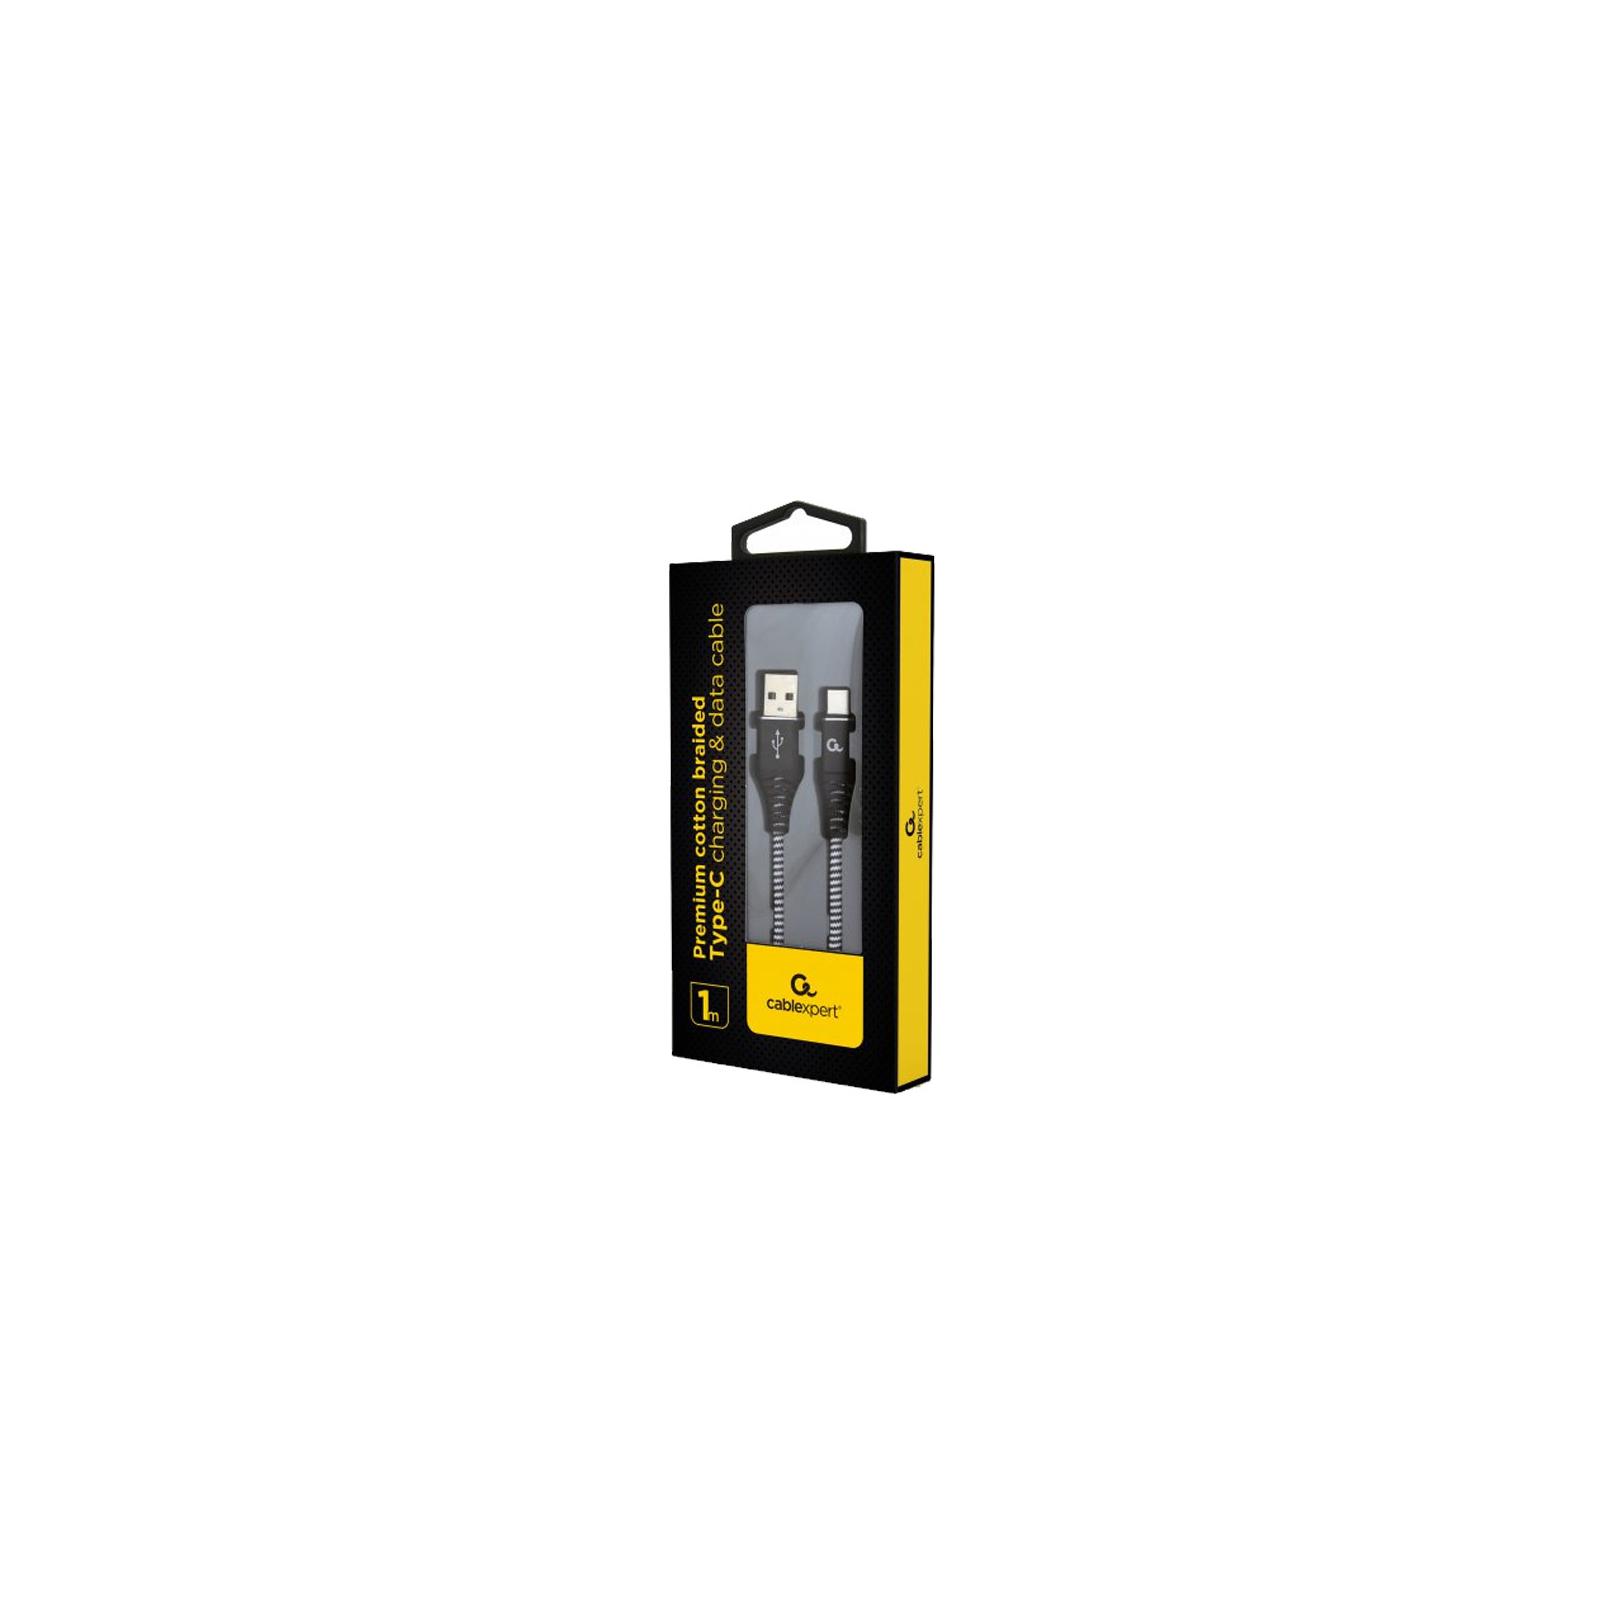 Дата кабель USB 2.0 AM to Type-C 1.0m Cablexpert (CC-USB2B-AMCM-1M-BW) изображение 2